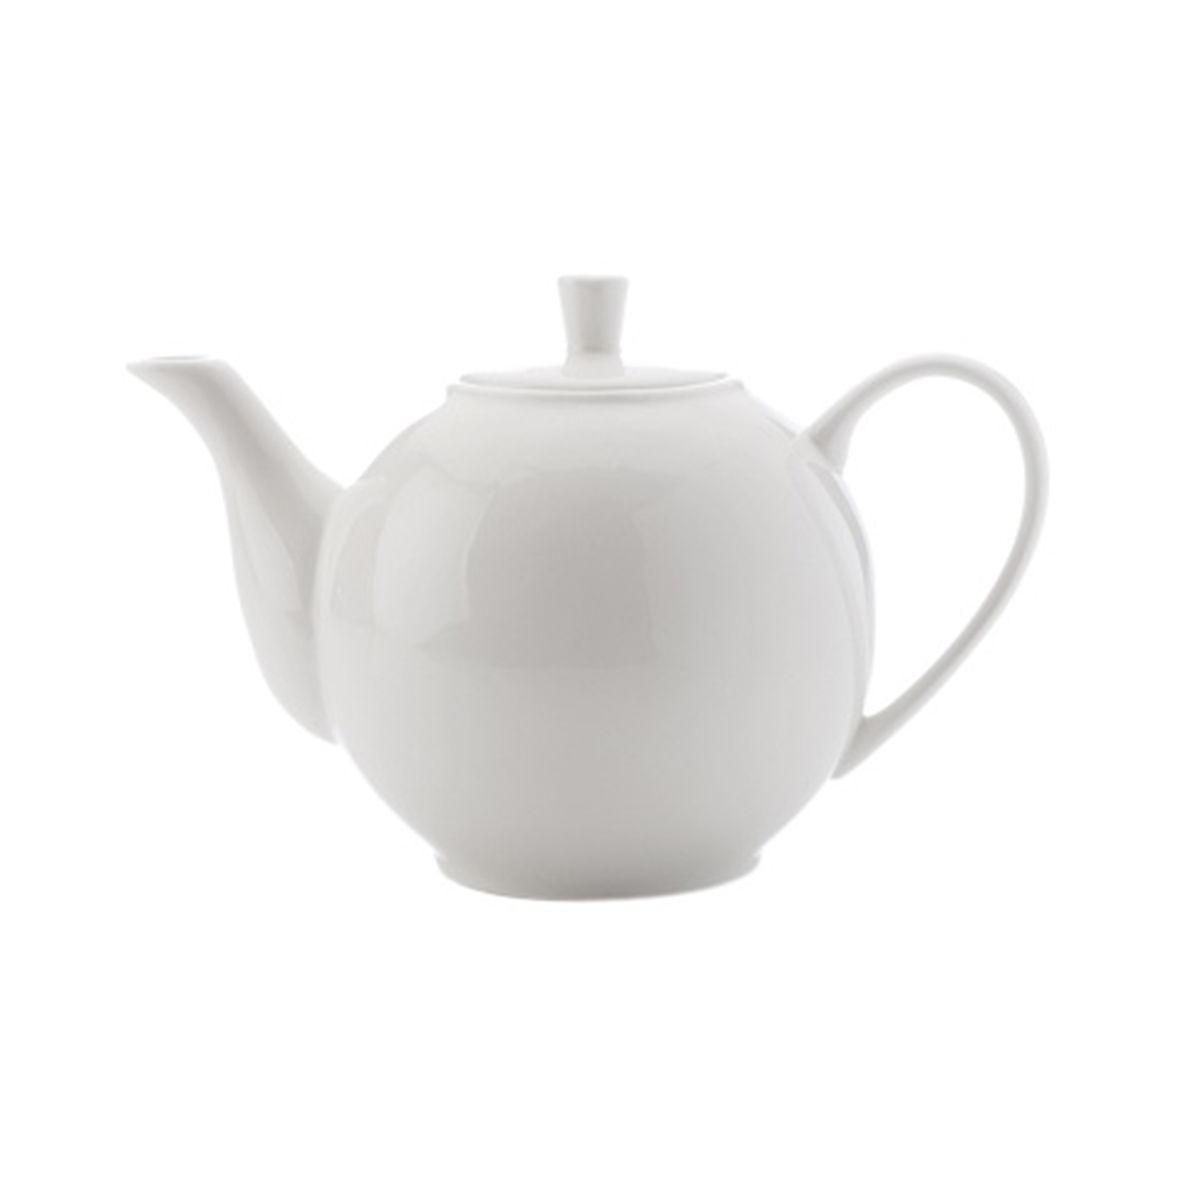 Théière en porcelaine tendre roses 0,8 L Théière Pichet service à thé чайник заварочный